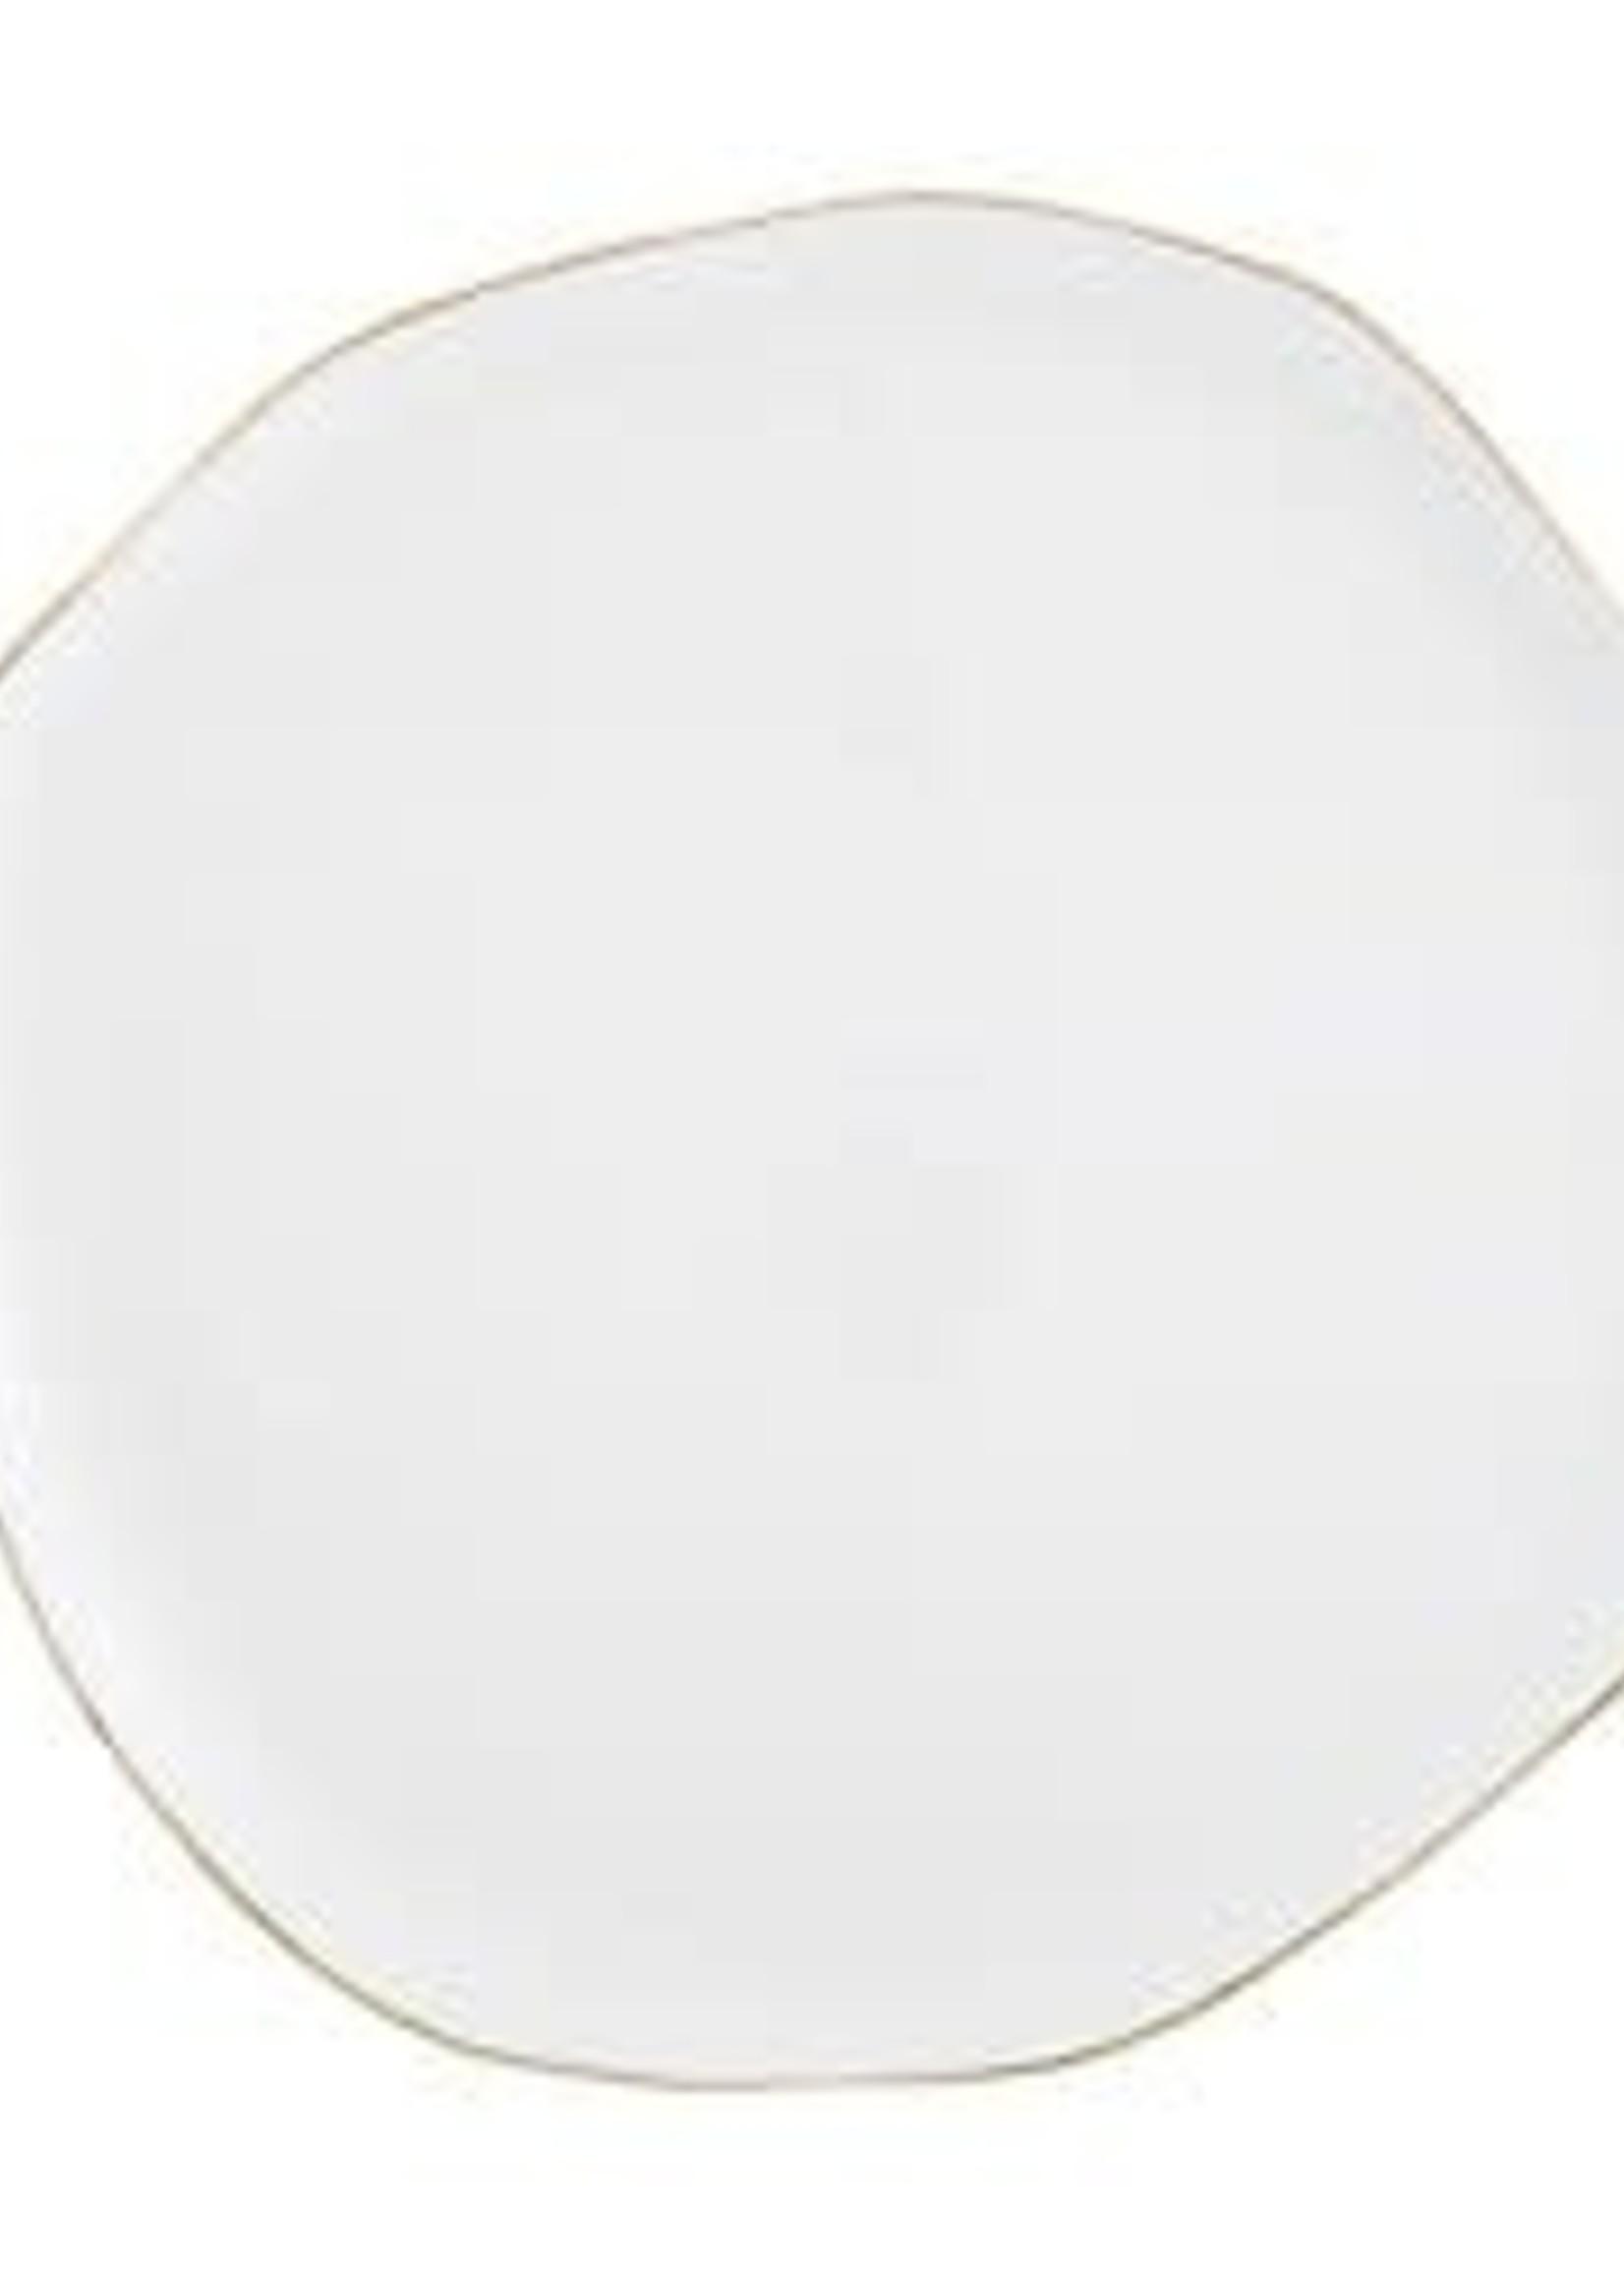 Trinket Tray Large White